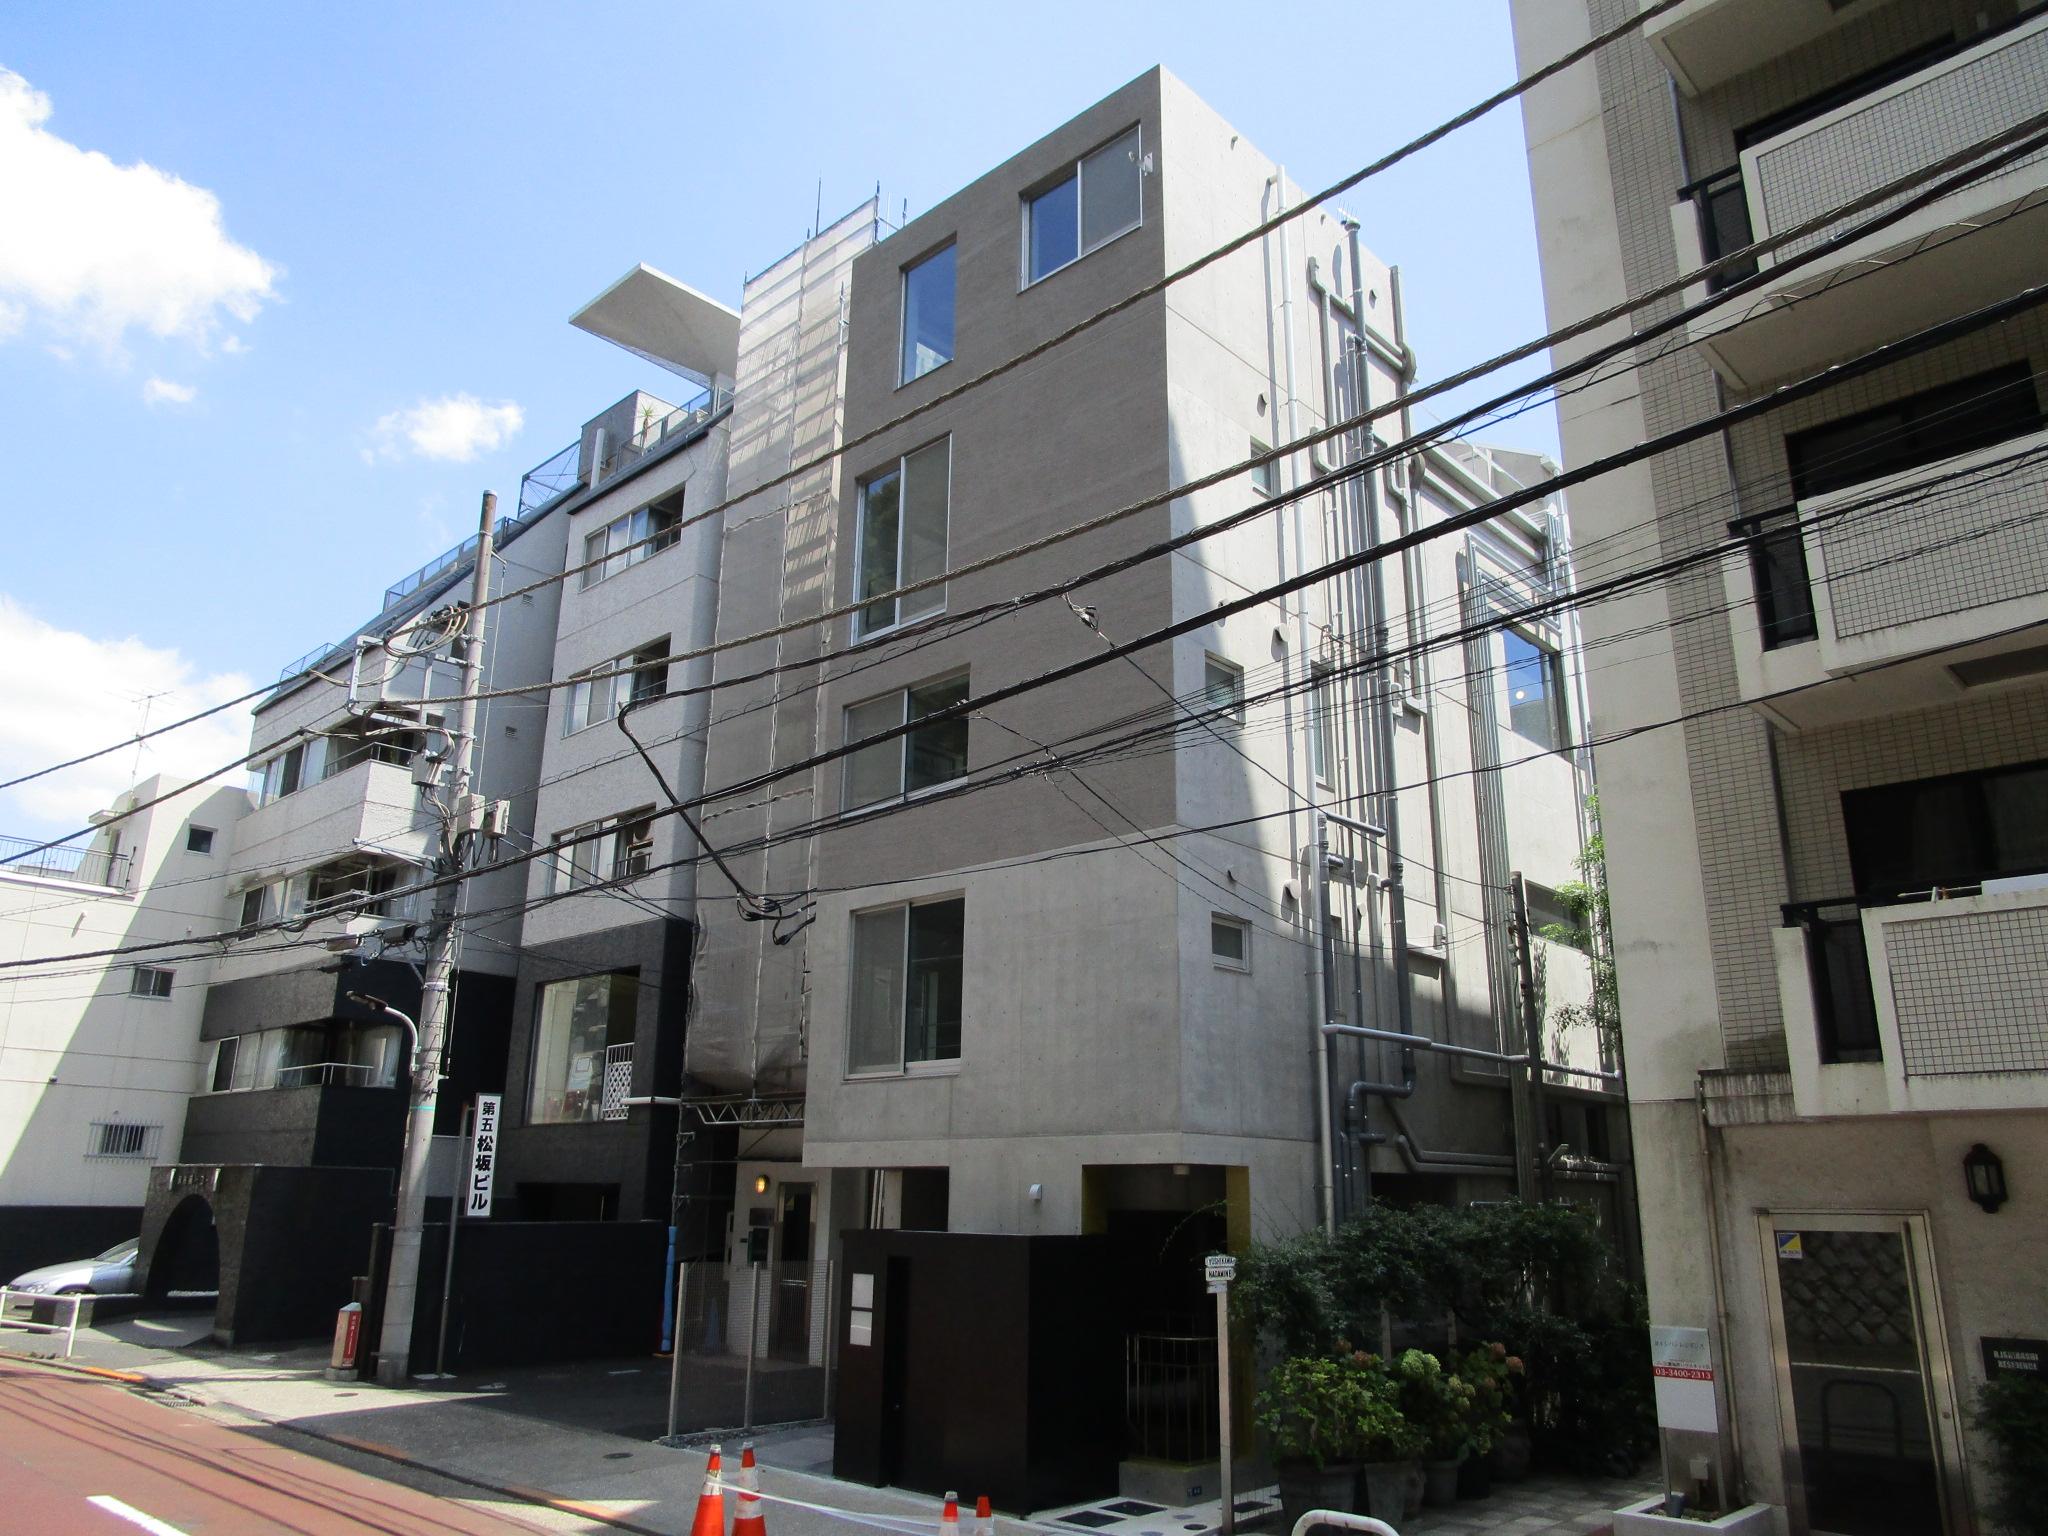 大江戸線「麻布十番」駅3分 令和3年7月築 RC造地下1階地上5階 エレバーター付